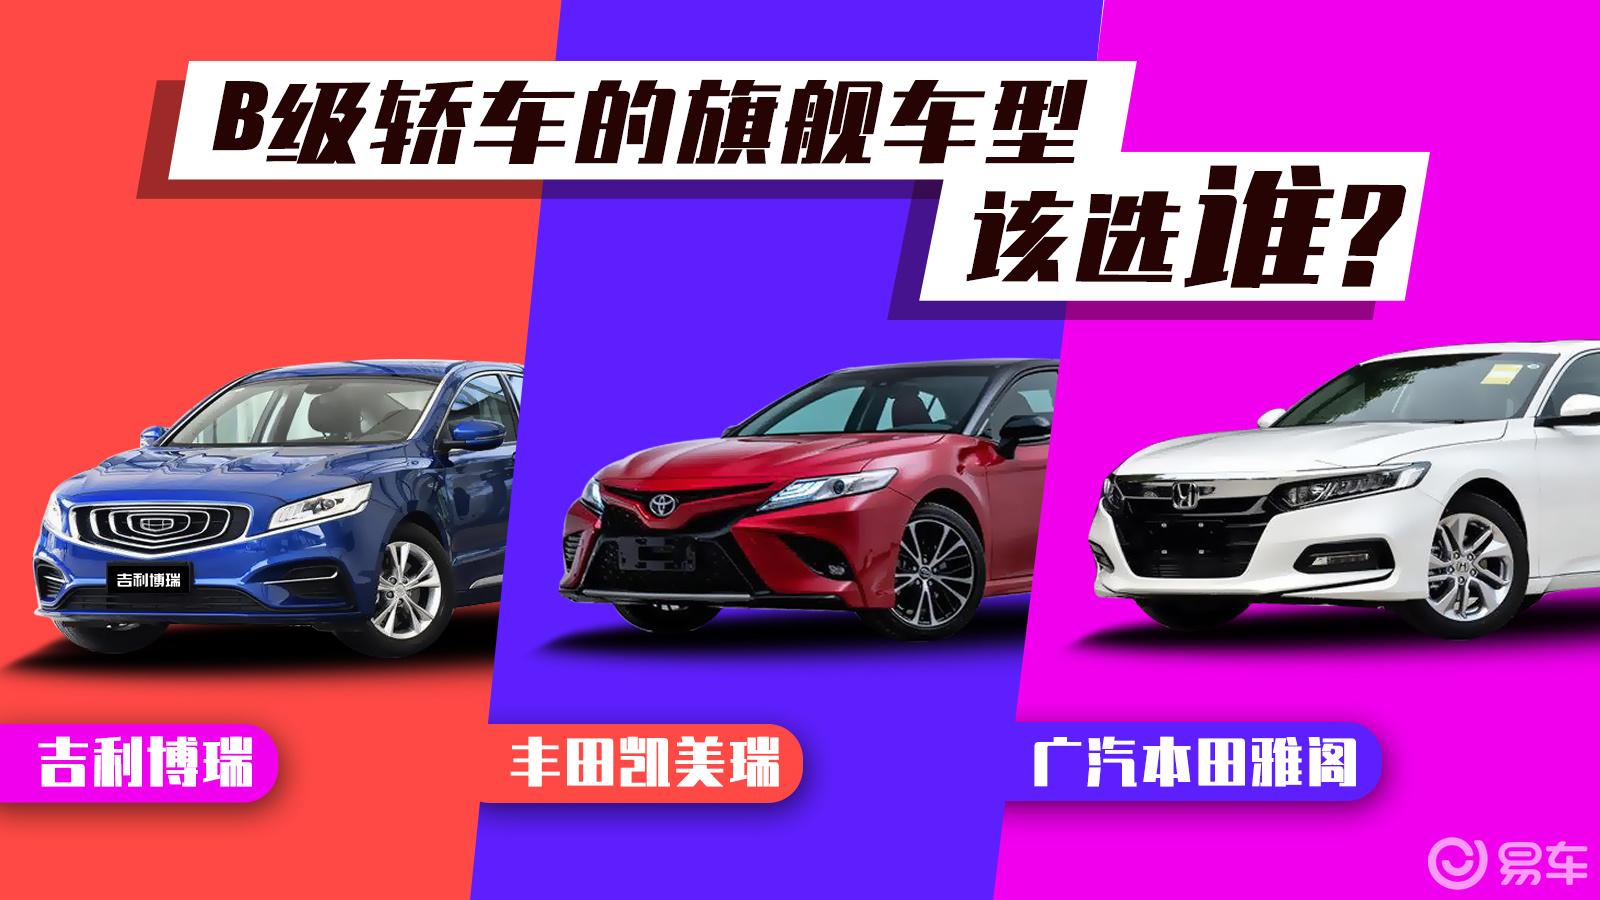 B级轿车 吉利博瑞/广汽本田雅阁/丰田凯美瑞该选谁